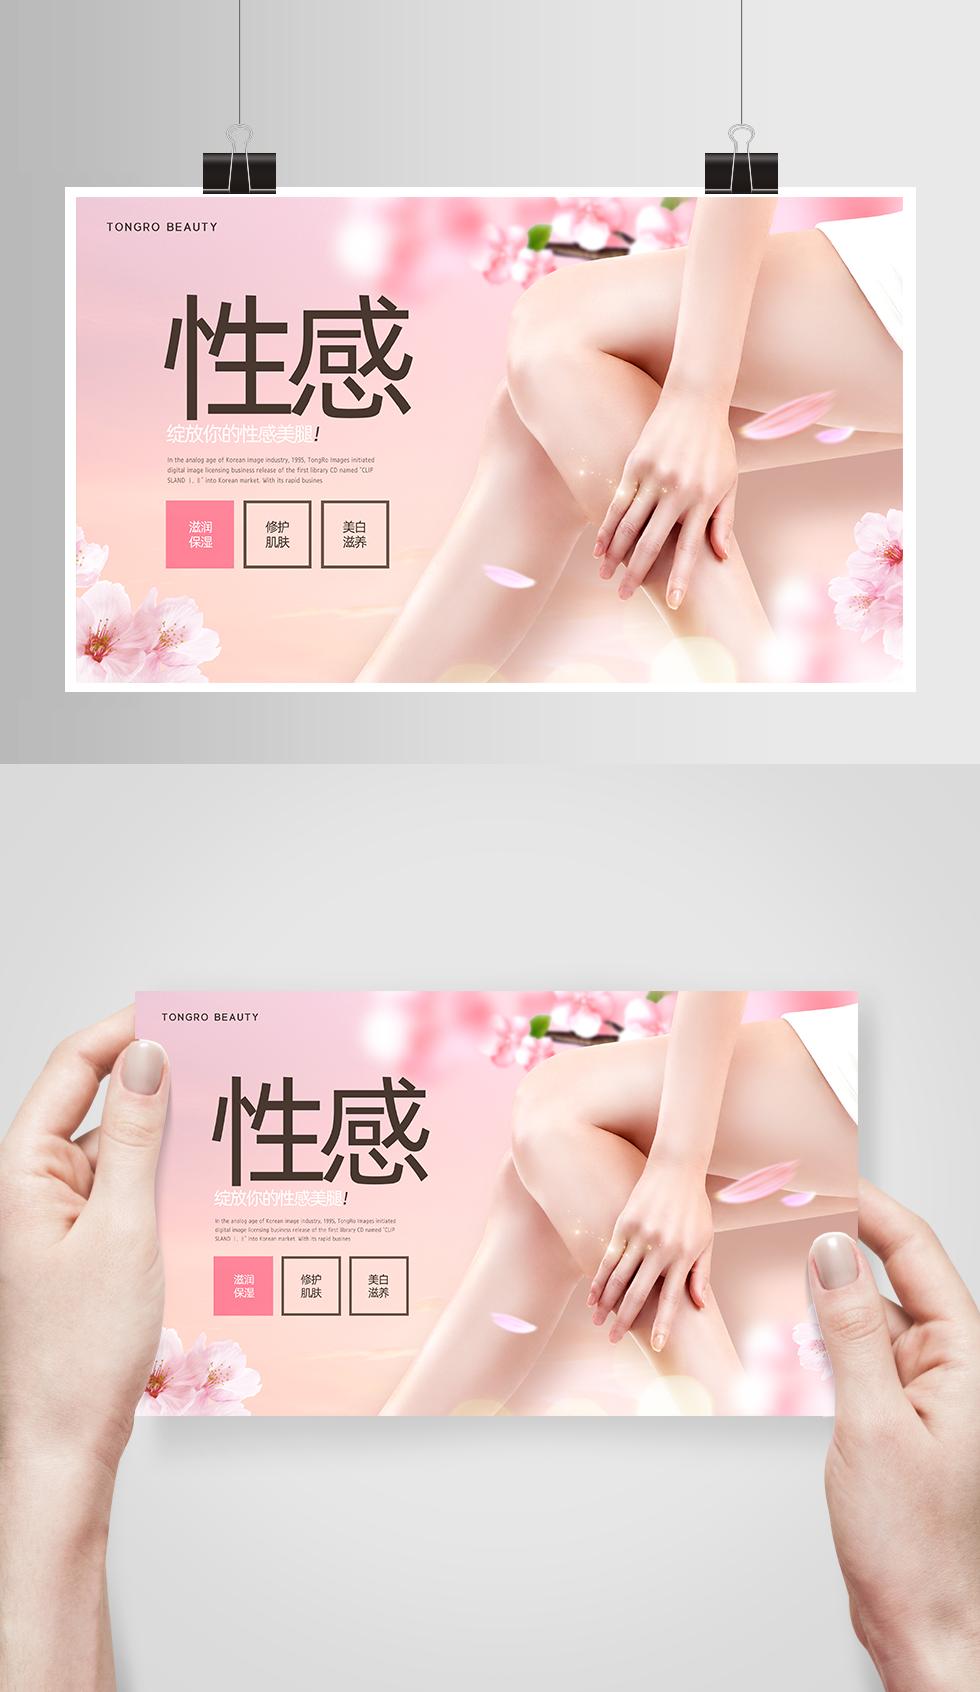 创意粉色护肤品身体乳海报素材psd